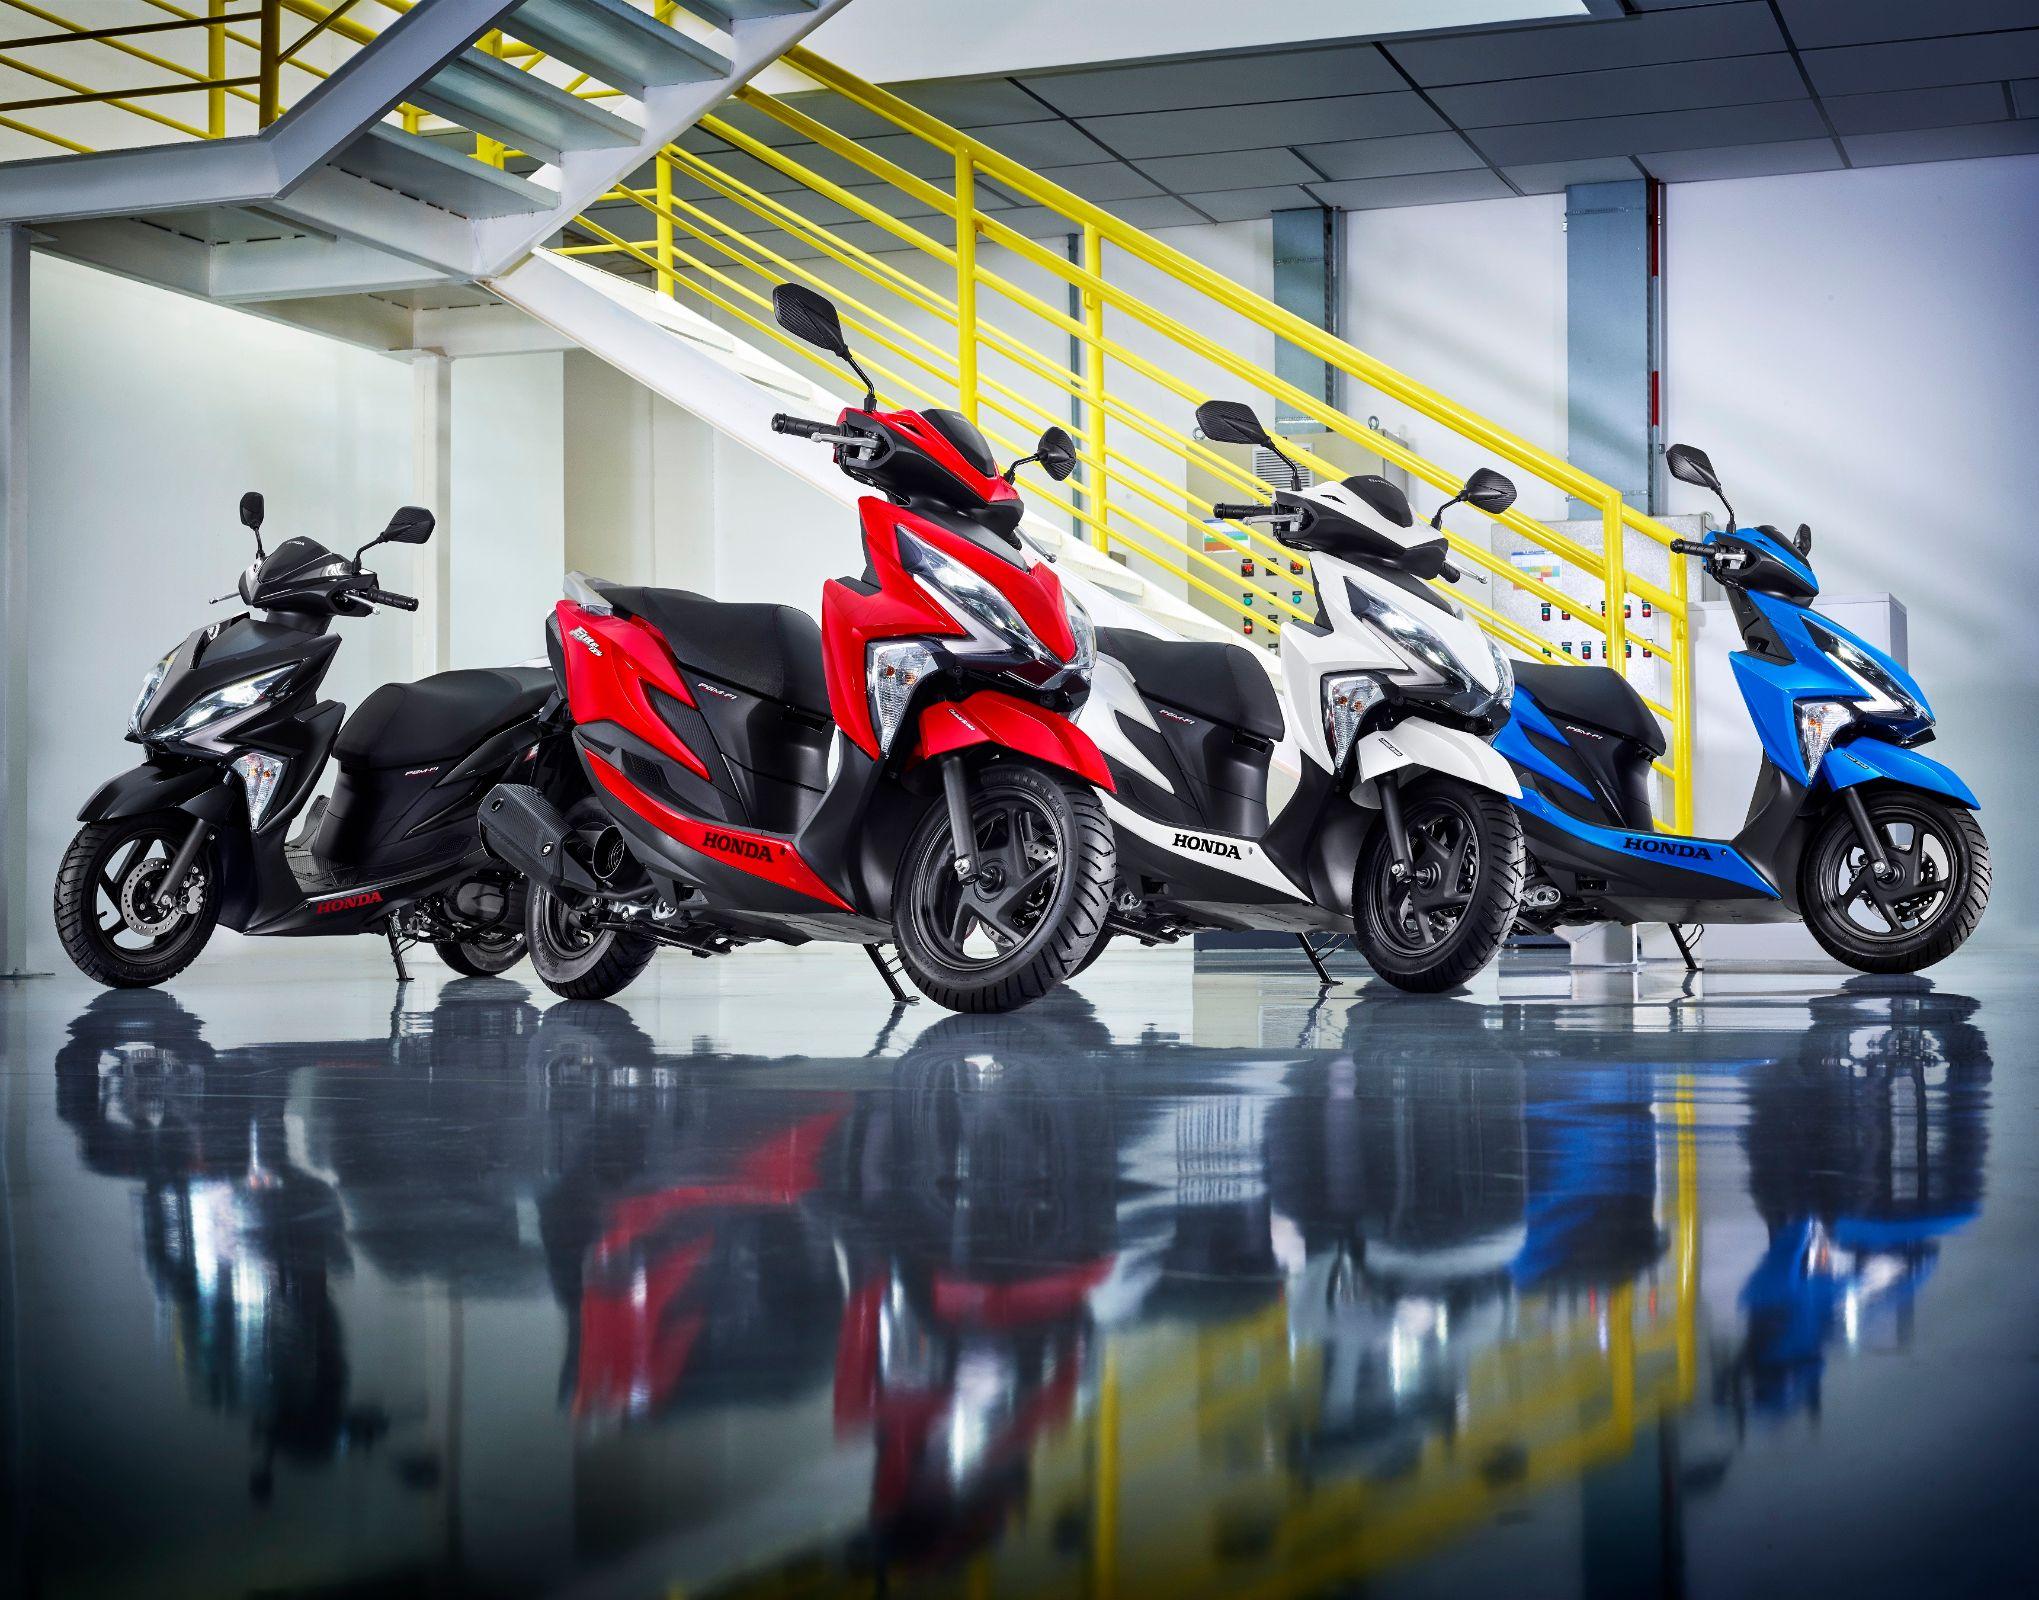 Chega ao Brasil, na primeira quinzena de dezembro, a nova scooter da Honda. A Elite 125 apresenta faróis em LED, painel digital e freio CBS.